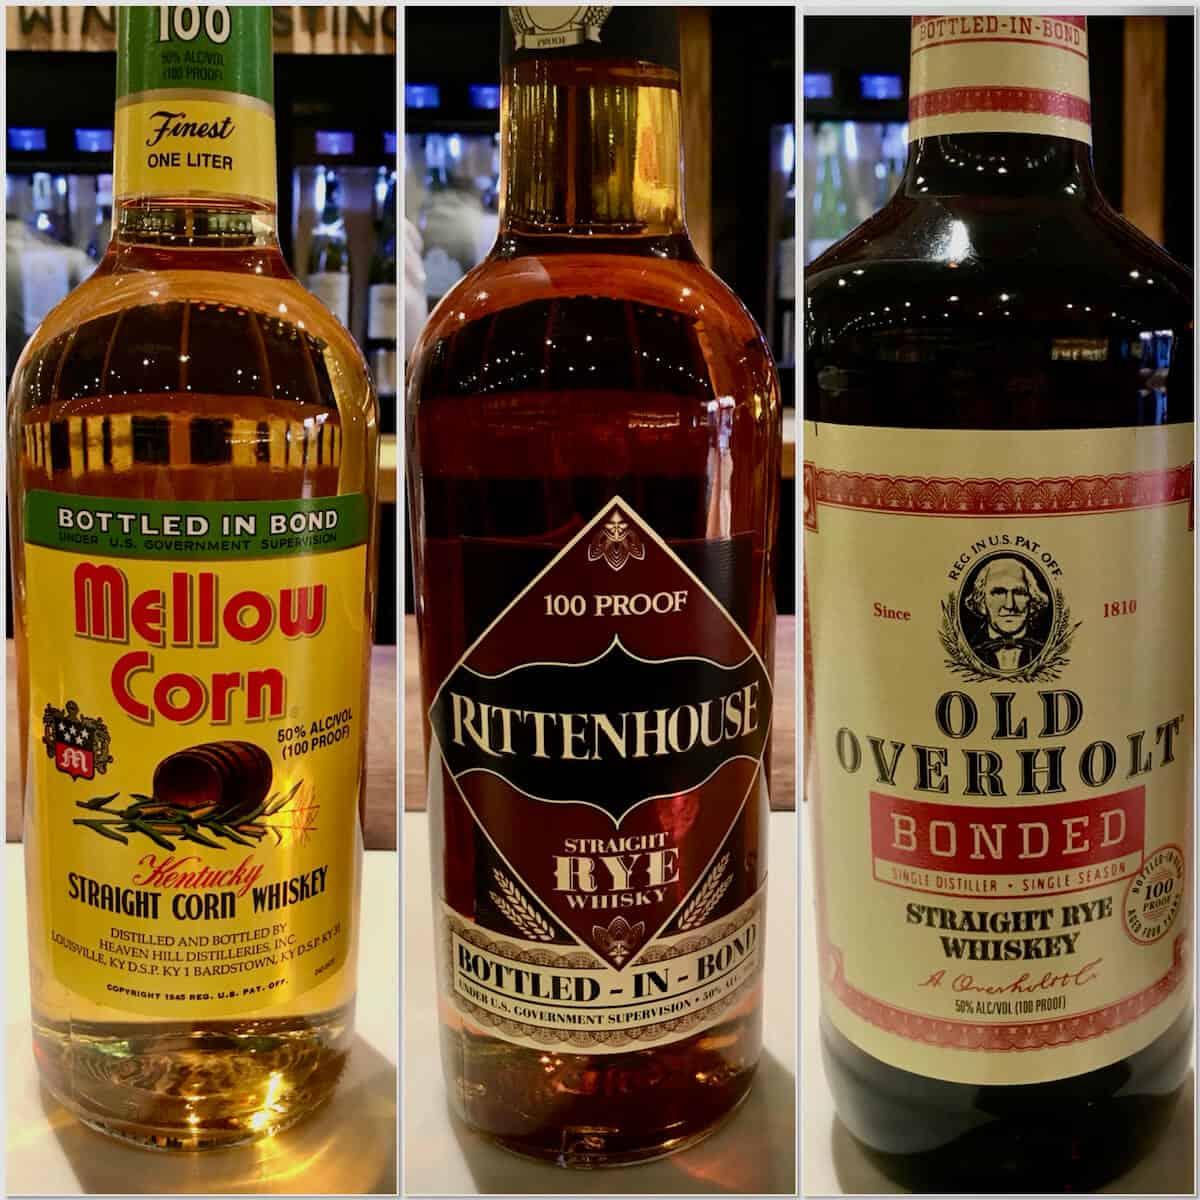 Collage of Mello Corn, Rittenhouse, Old Overholt bottled in bond bottles.